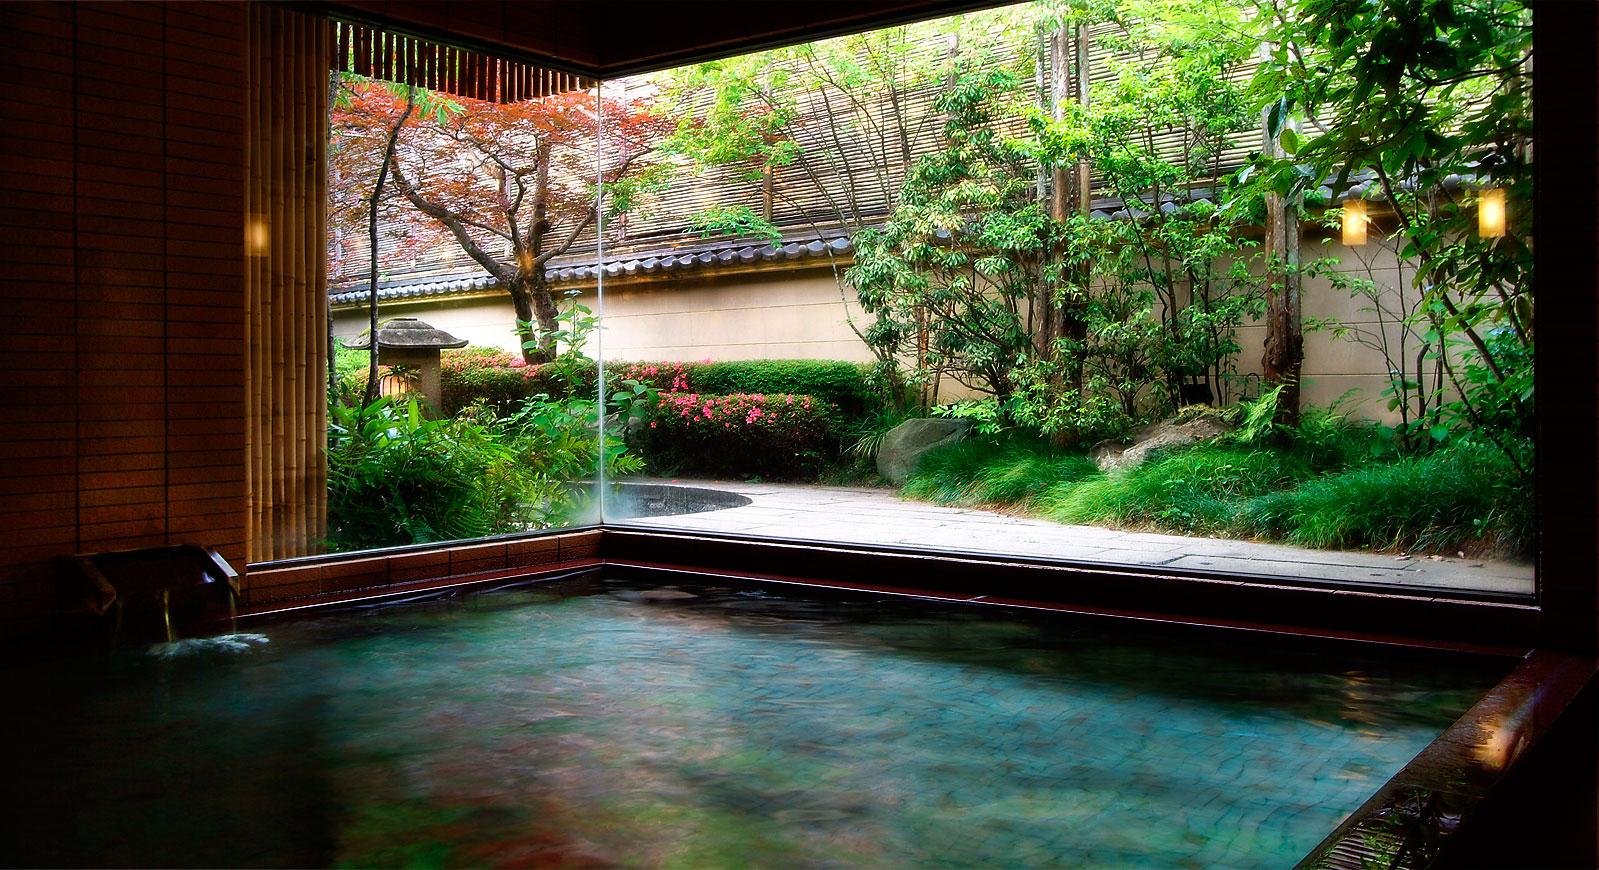 兵庫 城崎温泉 西村屋本館 平田館の大浴場の写真